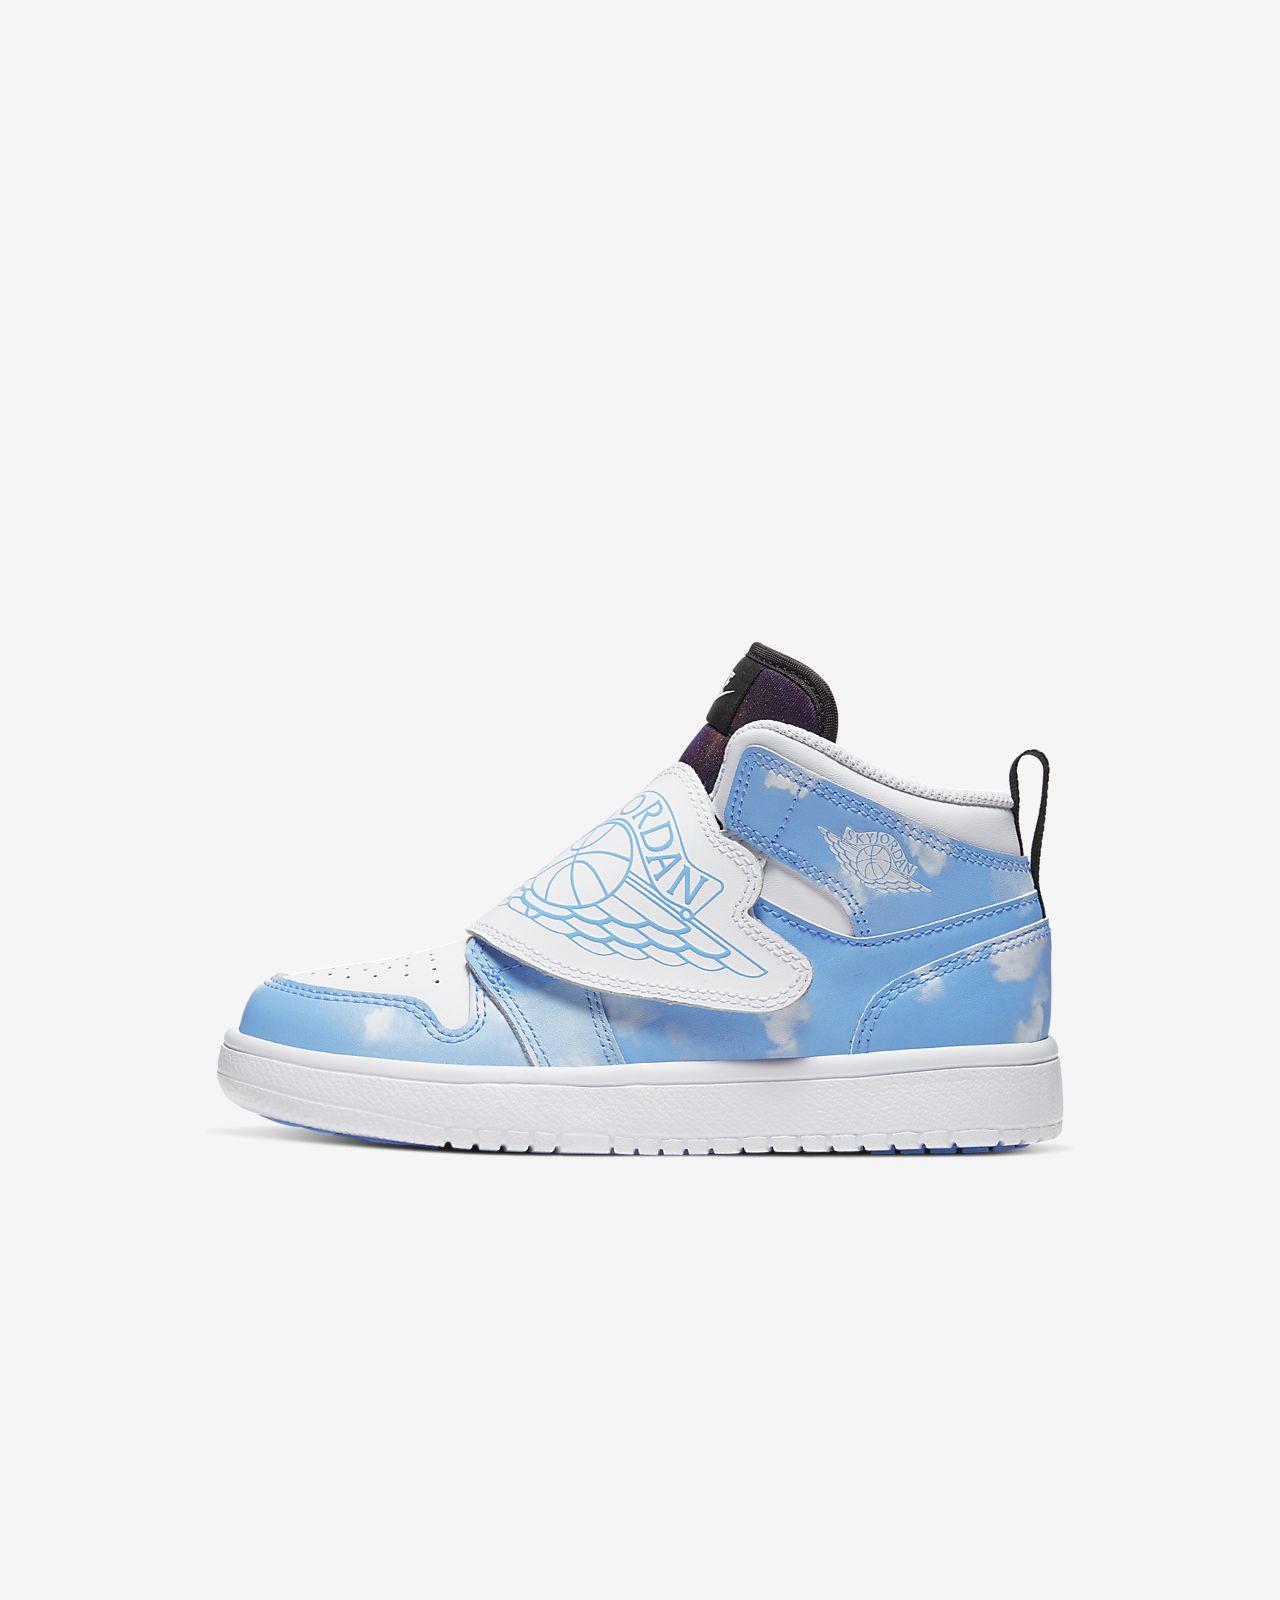 Buty dla małych dzieci Sky Jordan 1 Fearless